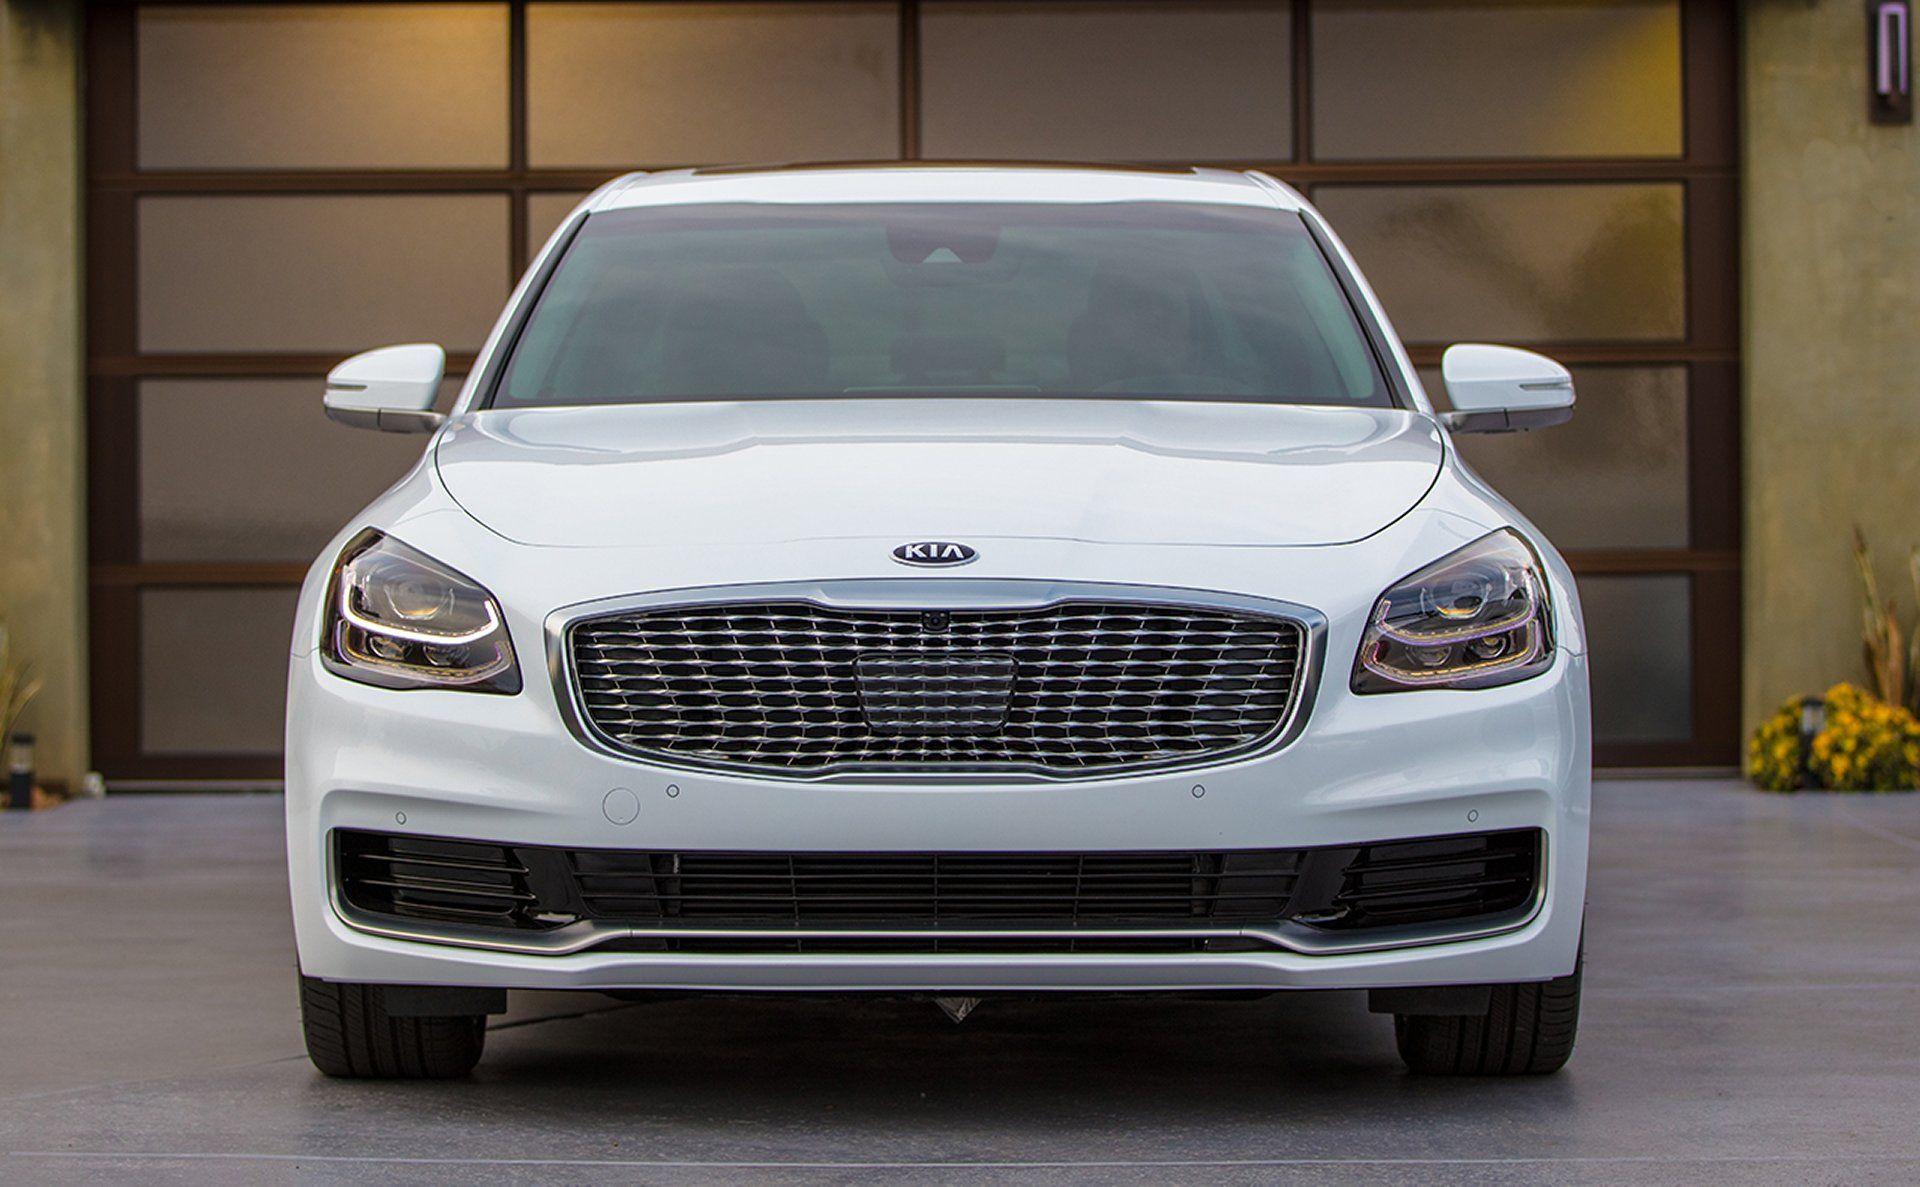 2019 kia k900 new look with images kia luxury sedan